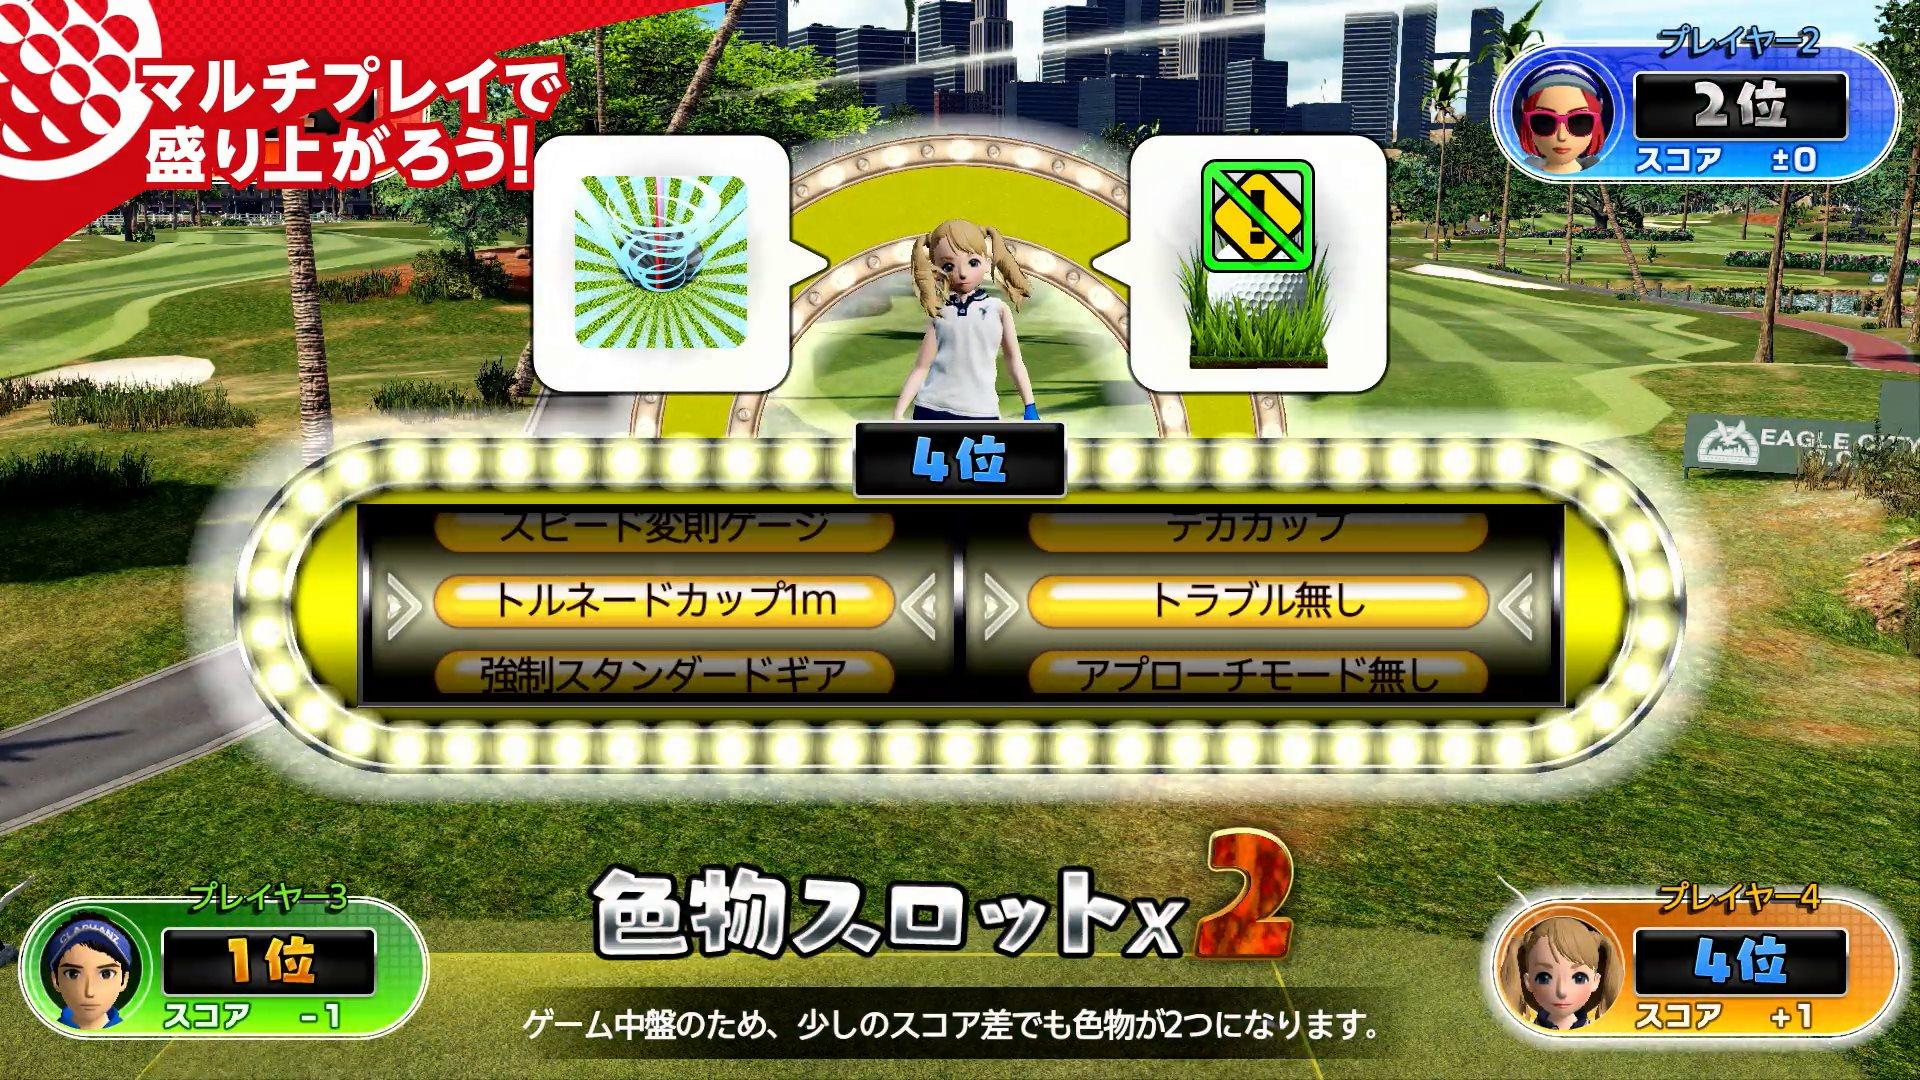 xL9KyzYZtZ1KD - PS4『New みんなのGOLF』が海外で大好評 キャラクターを日本人にしか受けない気持ち悪い造形から脱却できた事も勝因とのこと